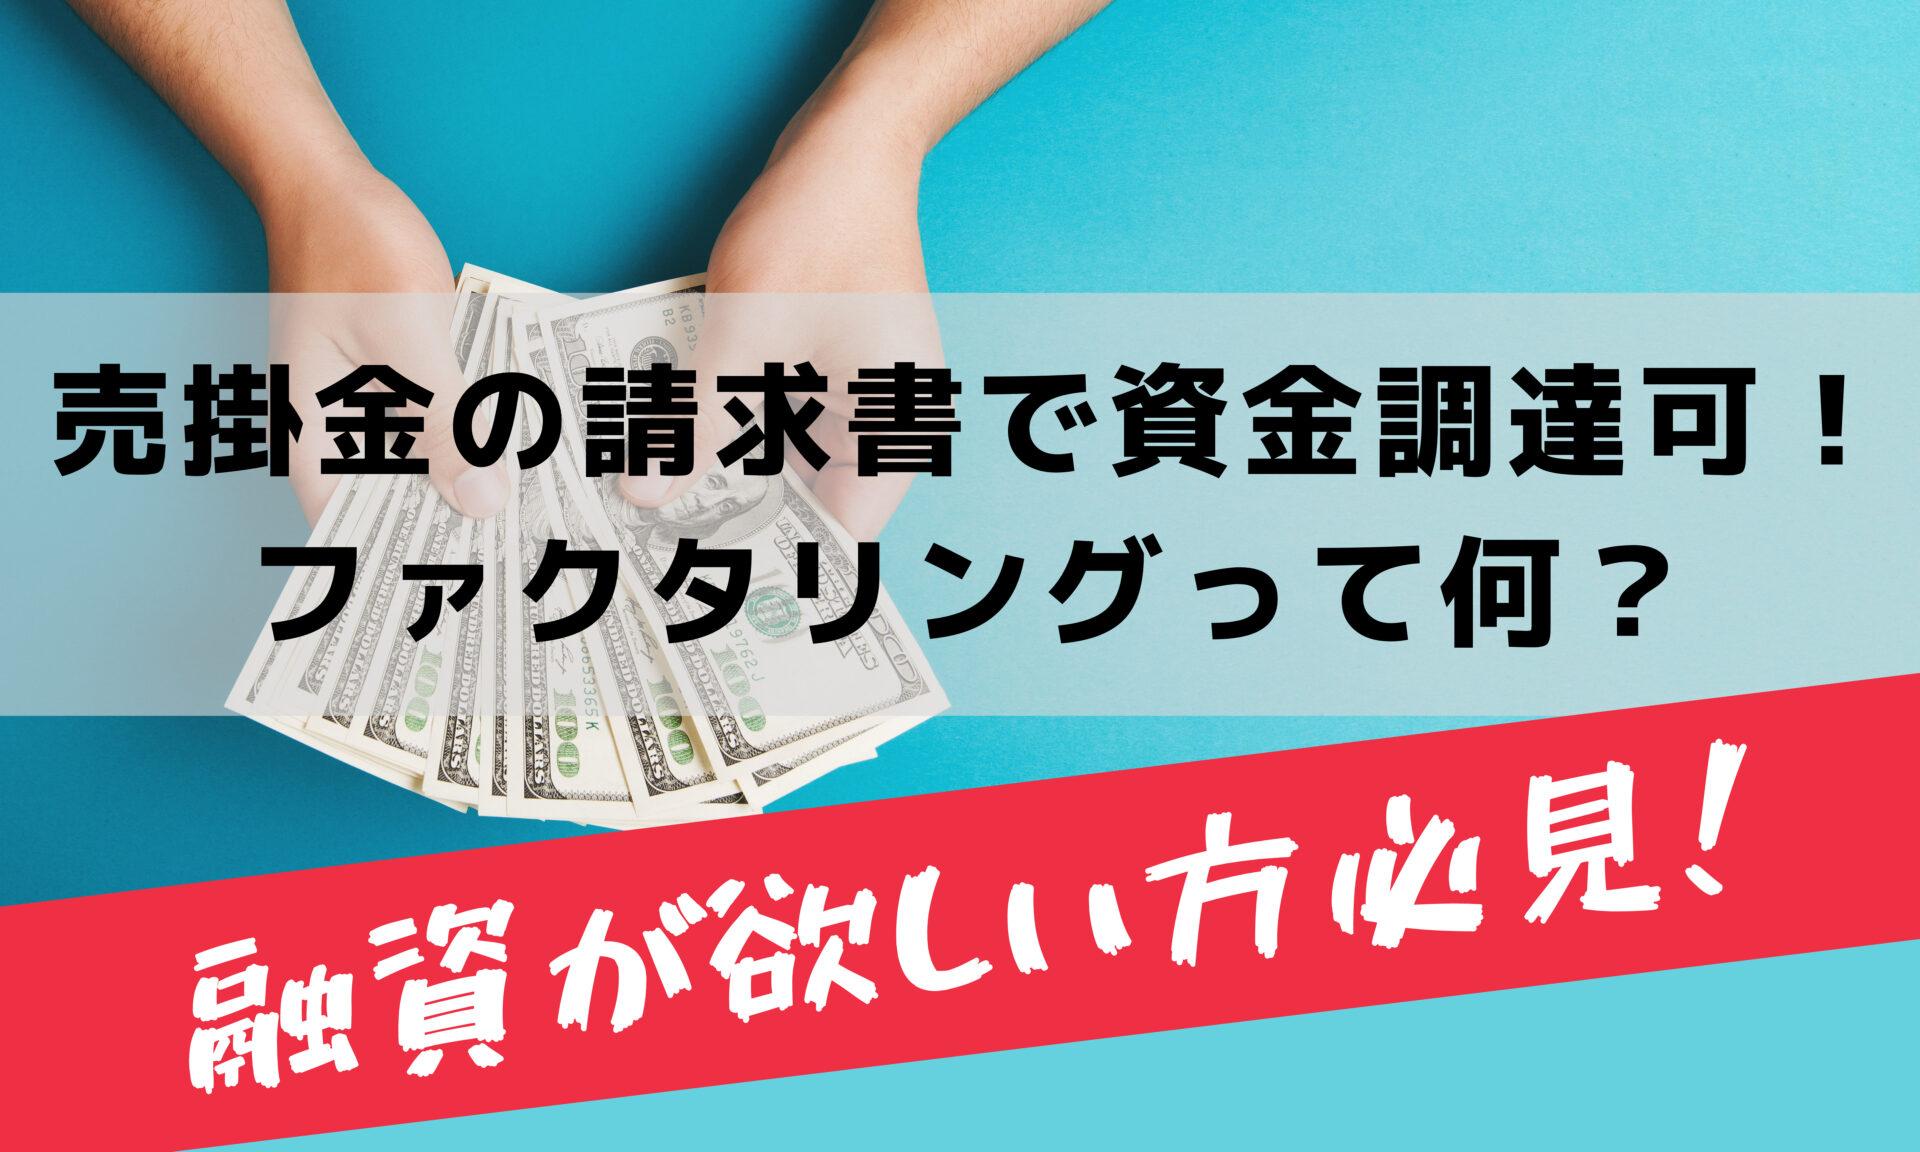 売掛金の請求書を元に融資が受けれるファクタリングによる資金調達方法とは?